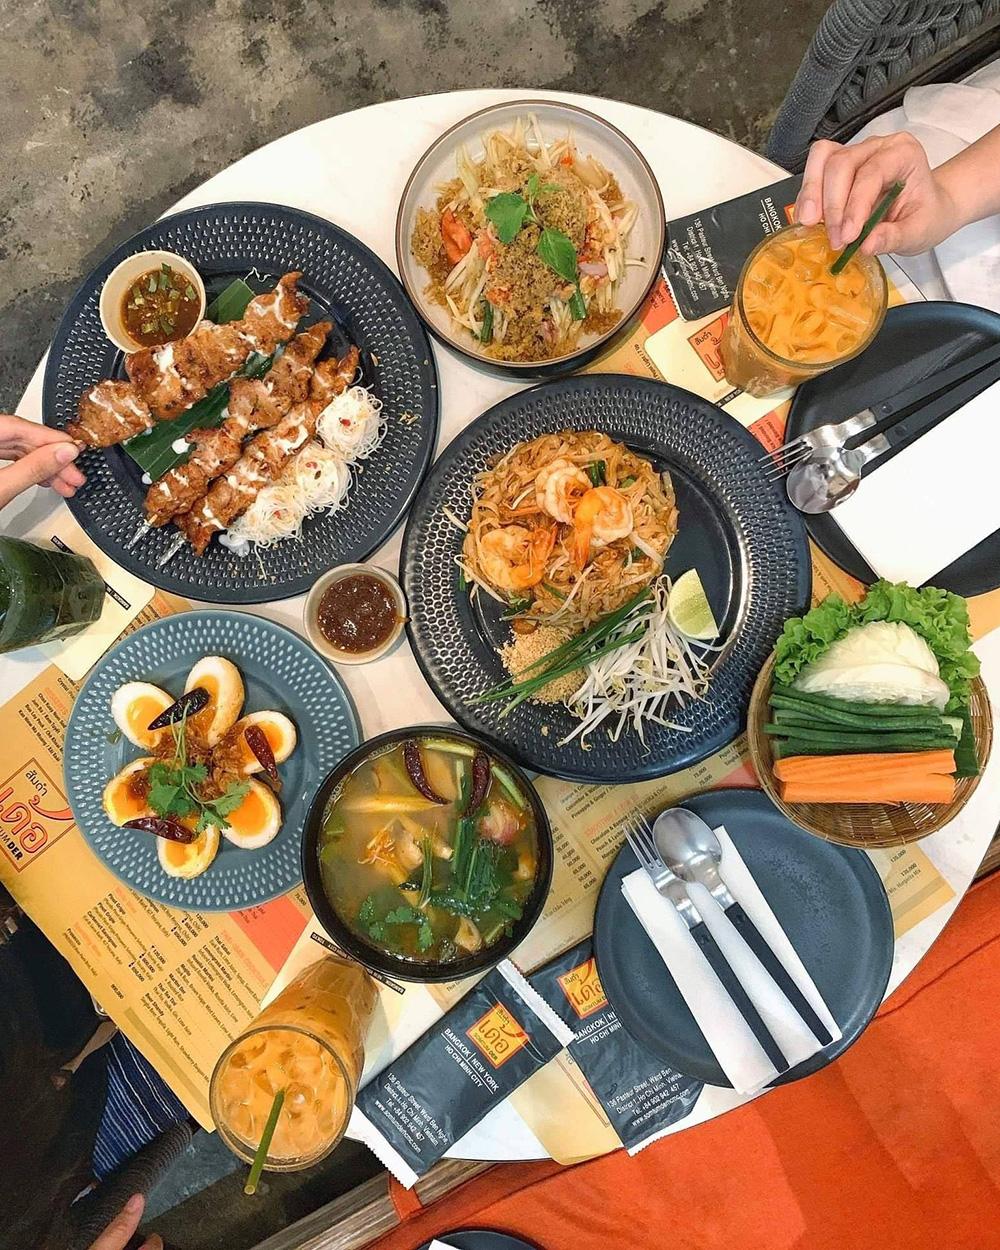 Nổi bật ở nhà hàng là món somtum (gỏi đu đủ) với nhiều hình thức chế biến phong phú, trong đó phố biến nhất là tum thai kai khem (gỏi đu đủ với trứng muối). Các món ngon khác phải kể đến như larb pla duek (gỏi cá bằm cay), sa pok kai tod der (đùi gà chiên giòn), moo ping kati sod (thịt heo nướng sữa dừa) and tom zap kradook on (soup giò heo cay). Chi phí các món từ 30.000 - 200.000 đồng.